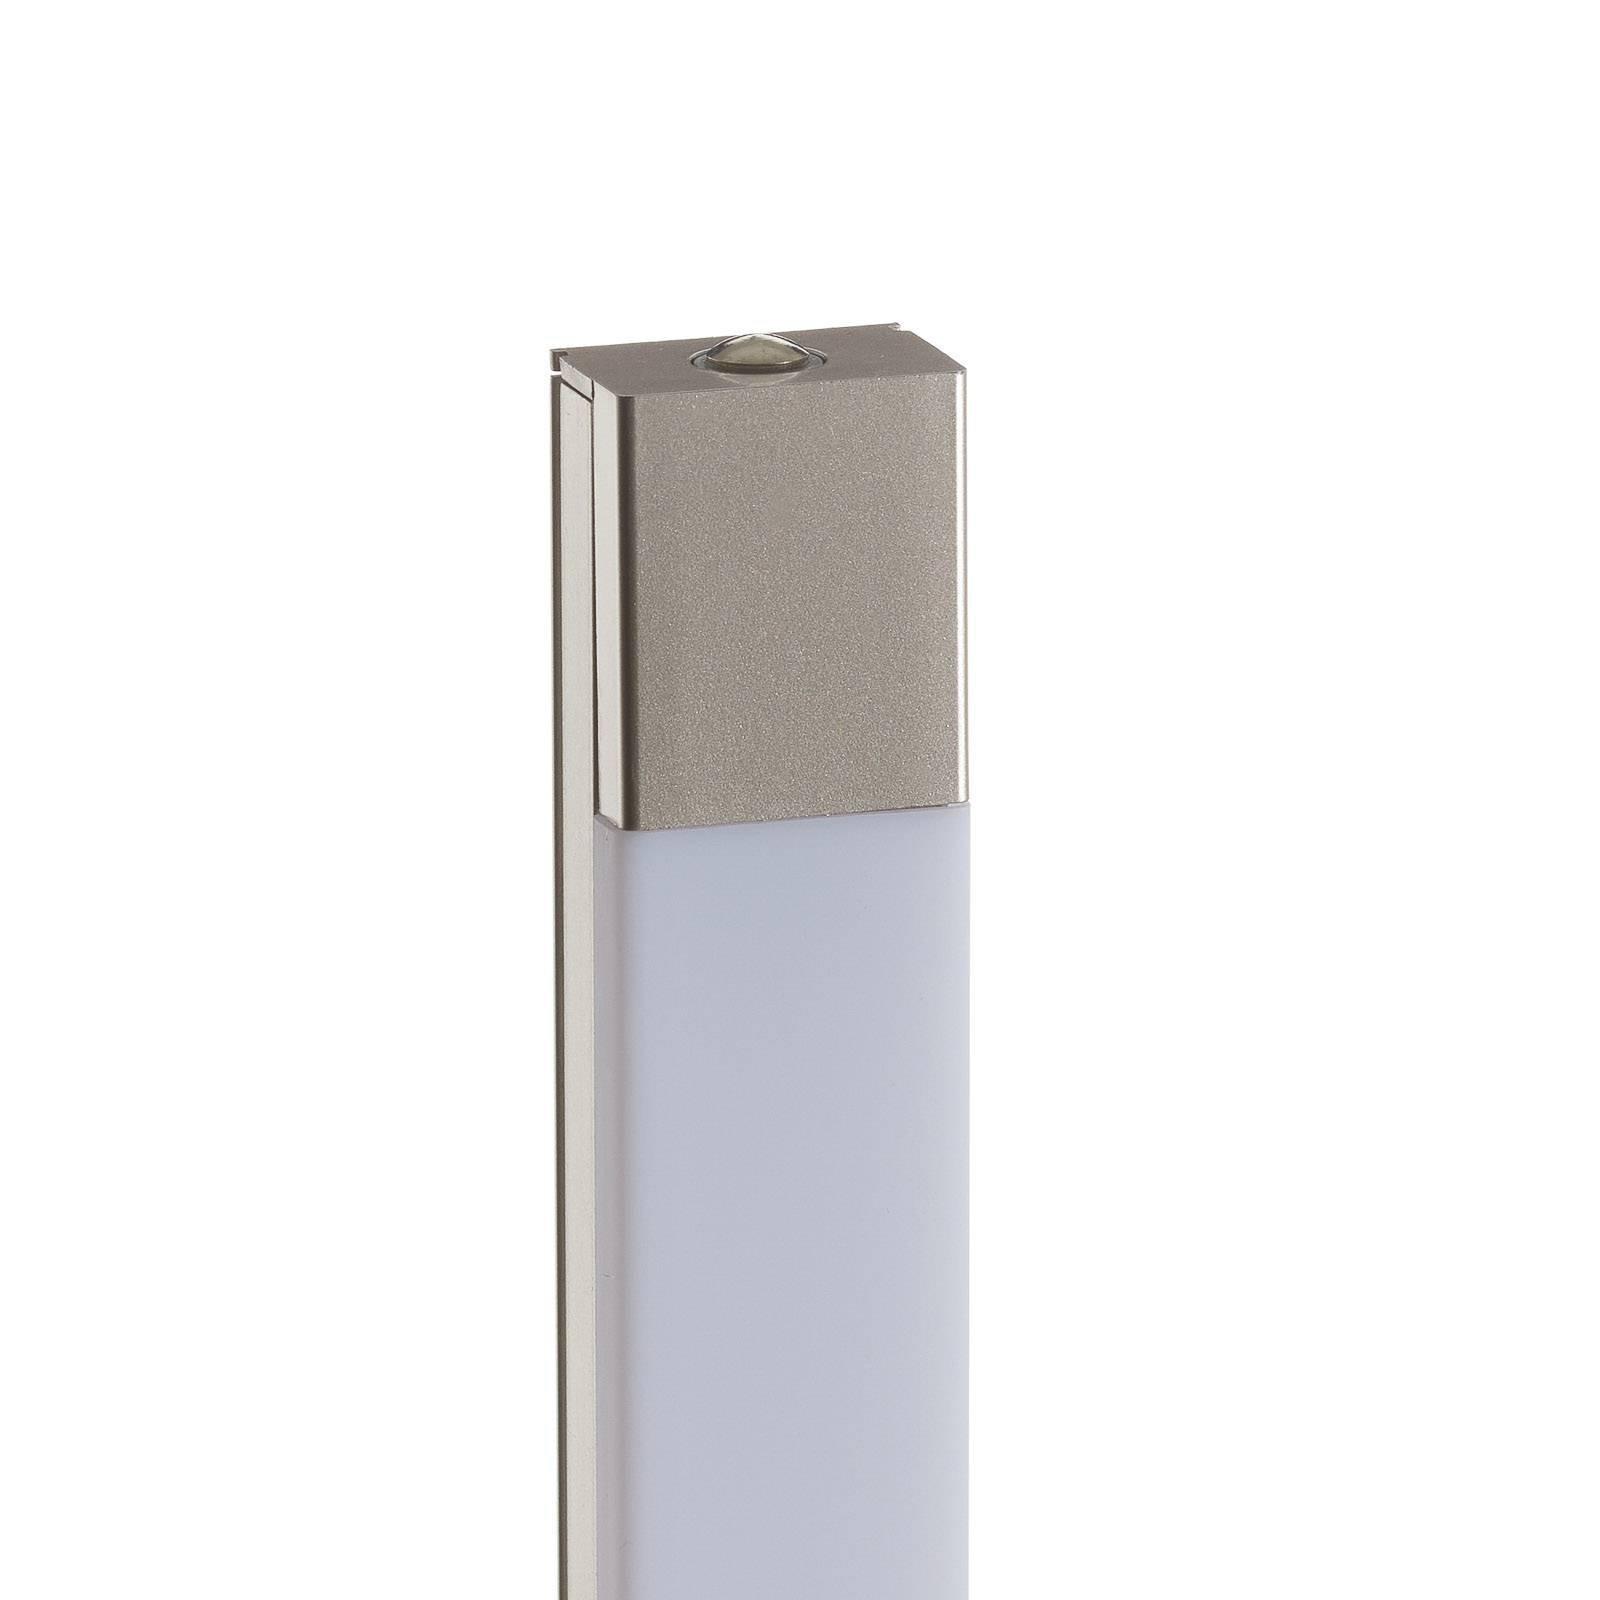 1365-012 m LED-gulvlampe, dimmer og minnefunksjon